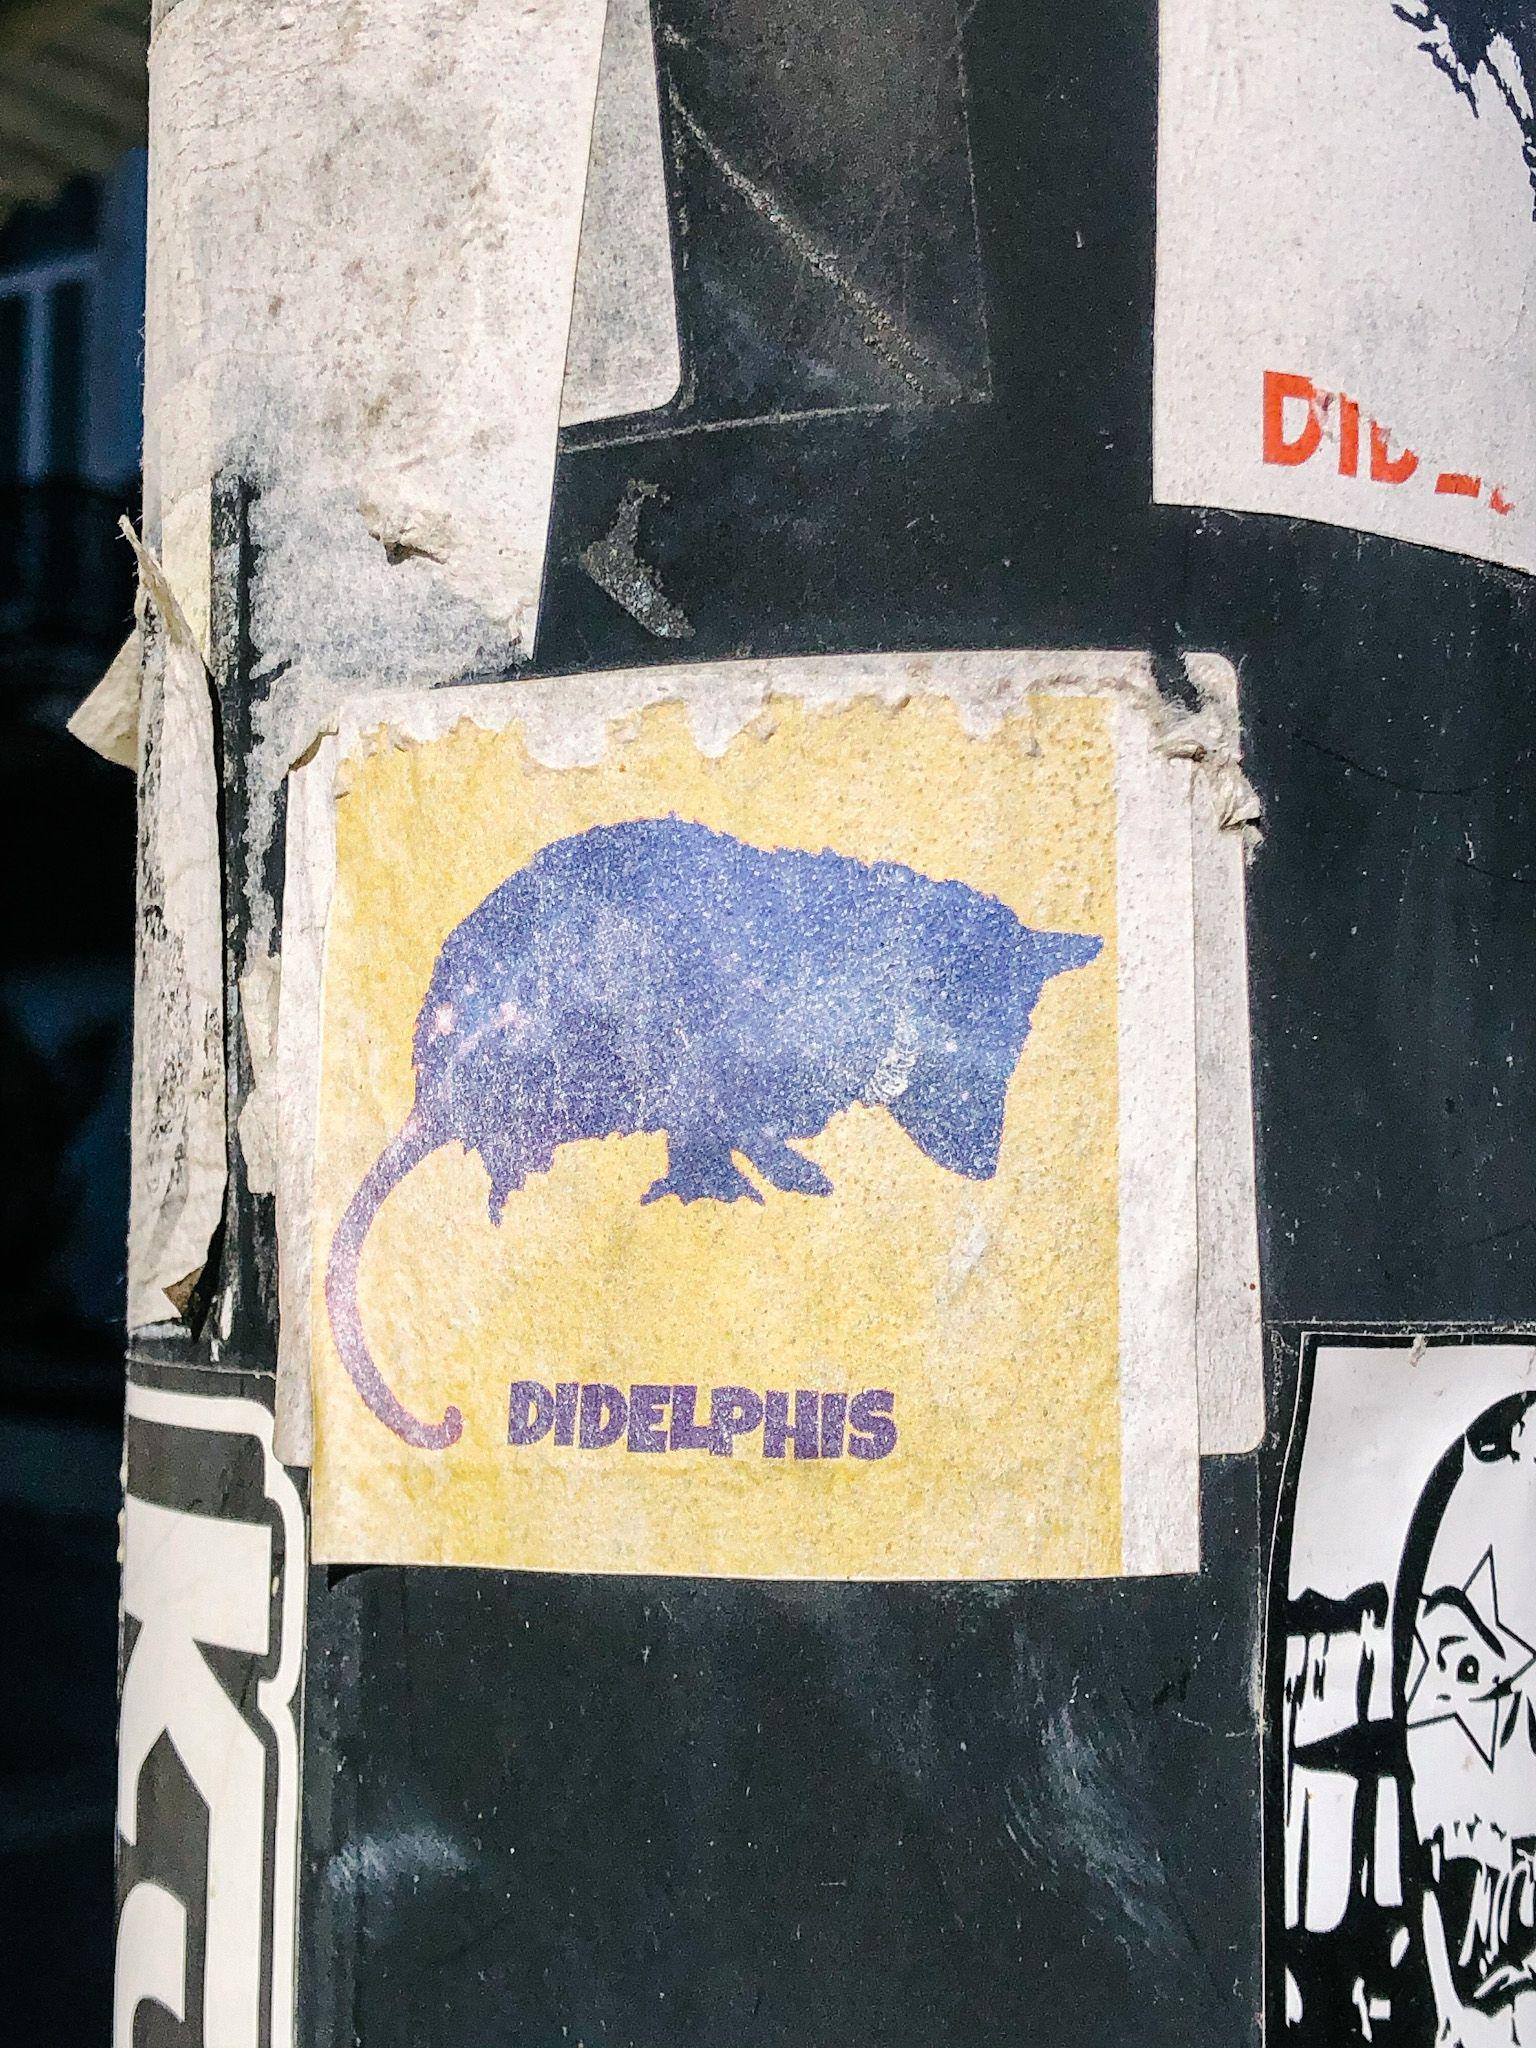 didelphis